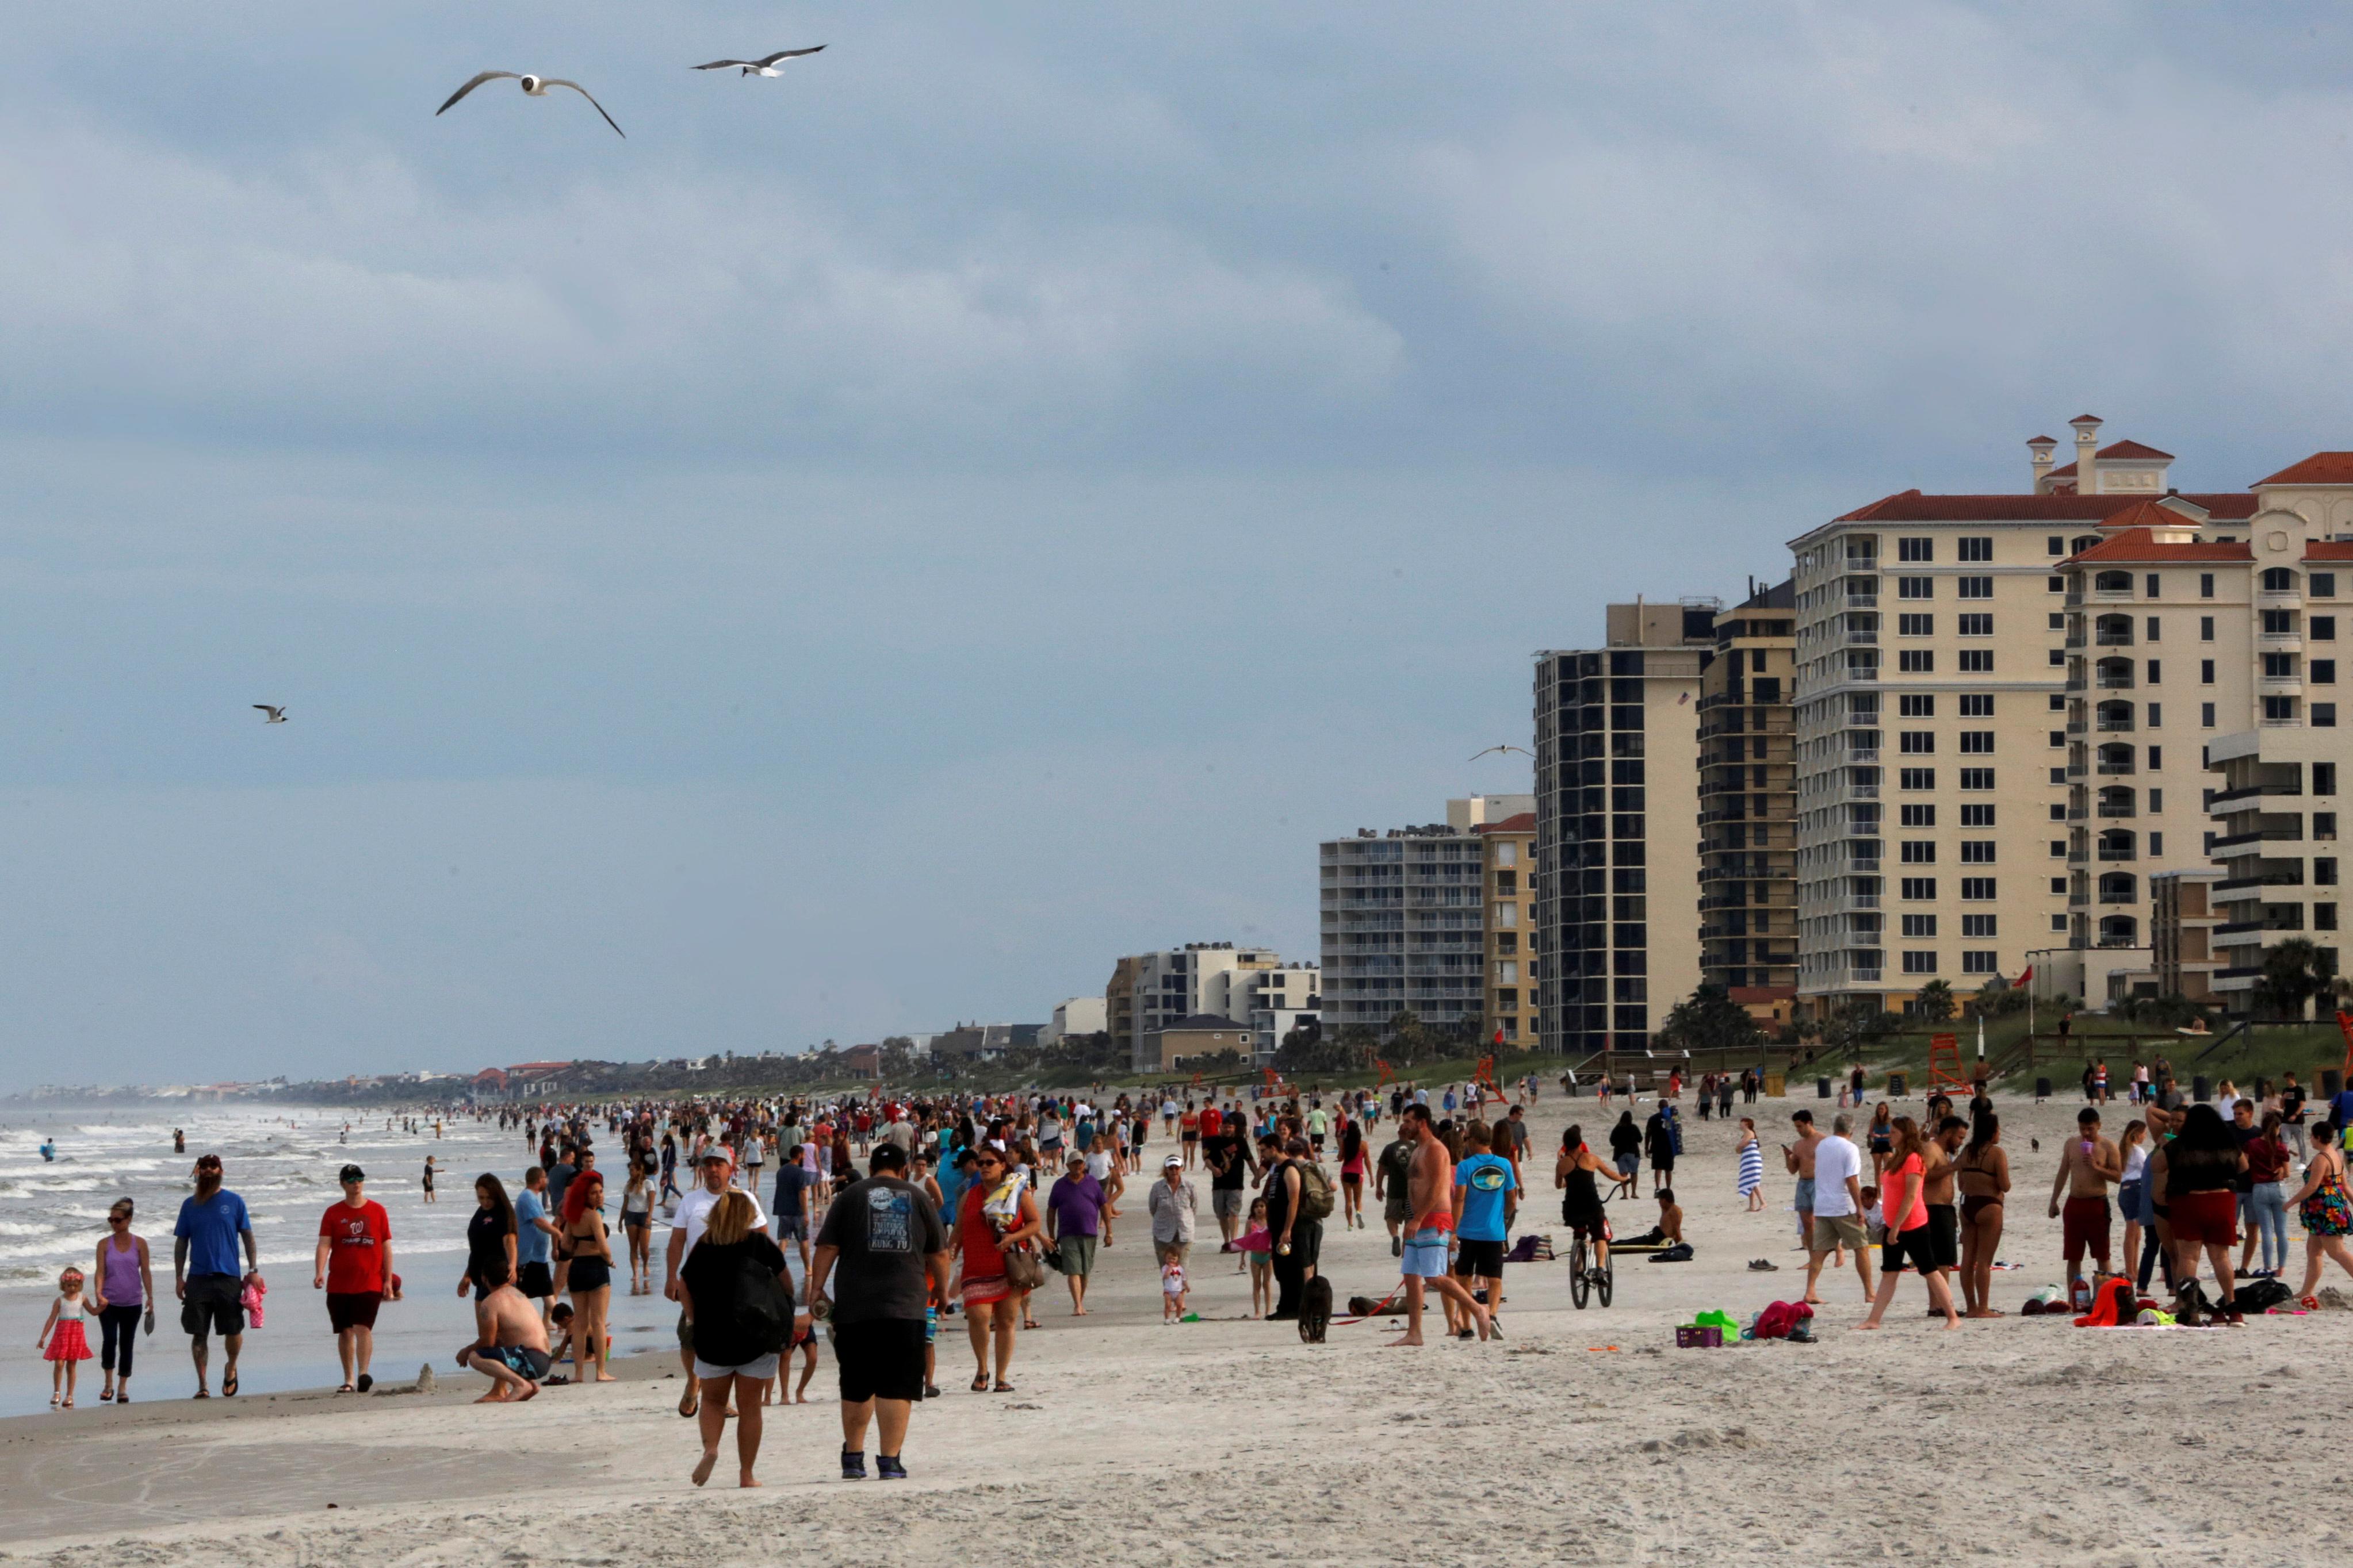 No todos los que acudieron a la playa respetaron el distanciamiento social y pocos acudieron con mascarillas